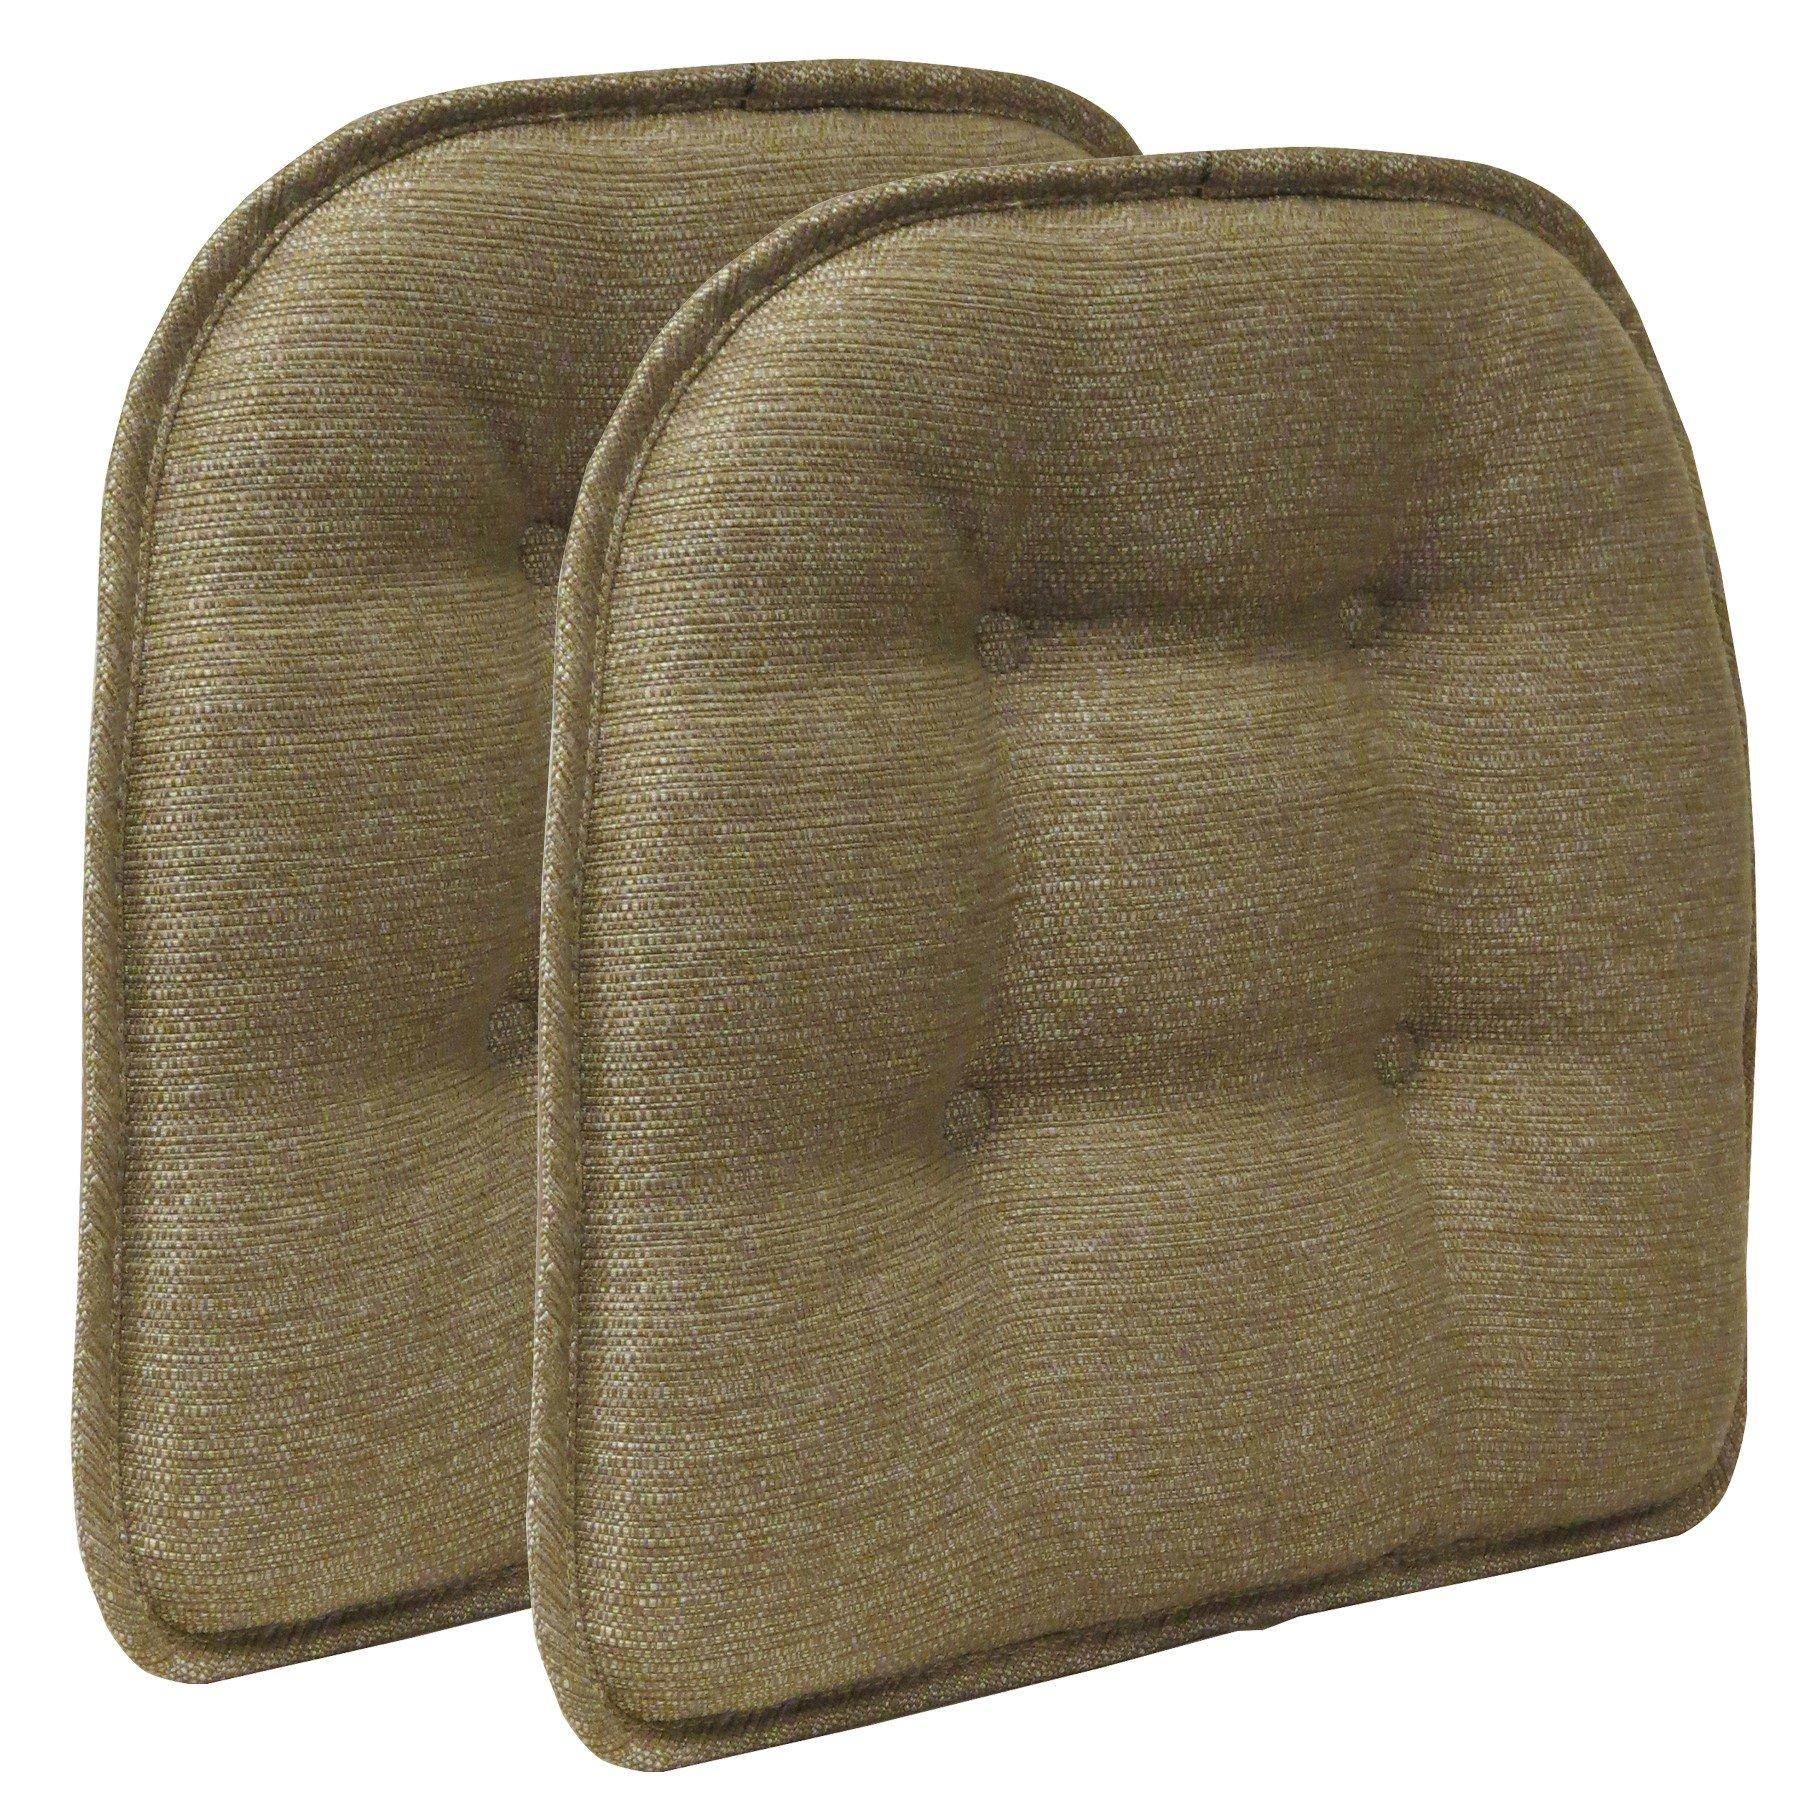 Gold Chair Cushions Chair Pads Amp Cushions